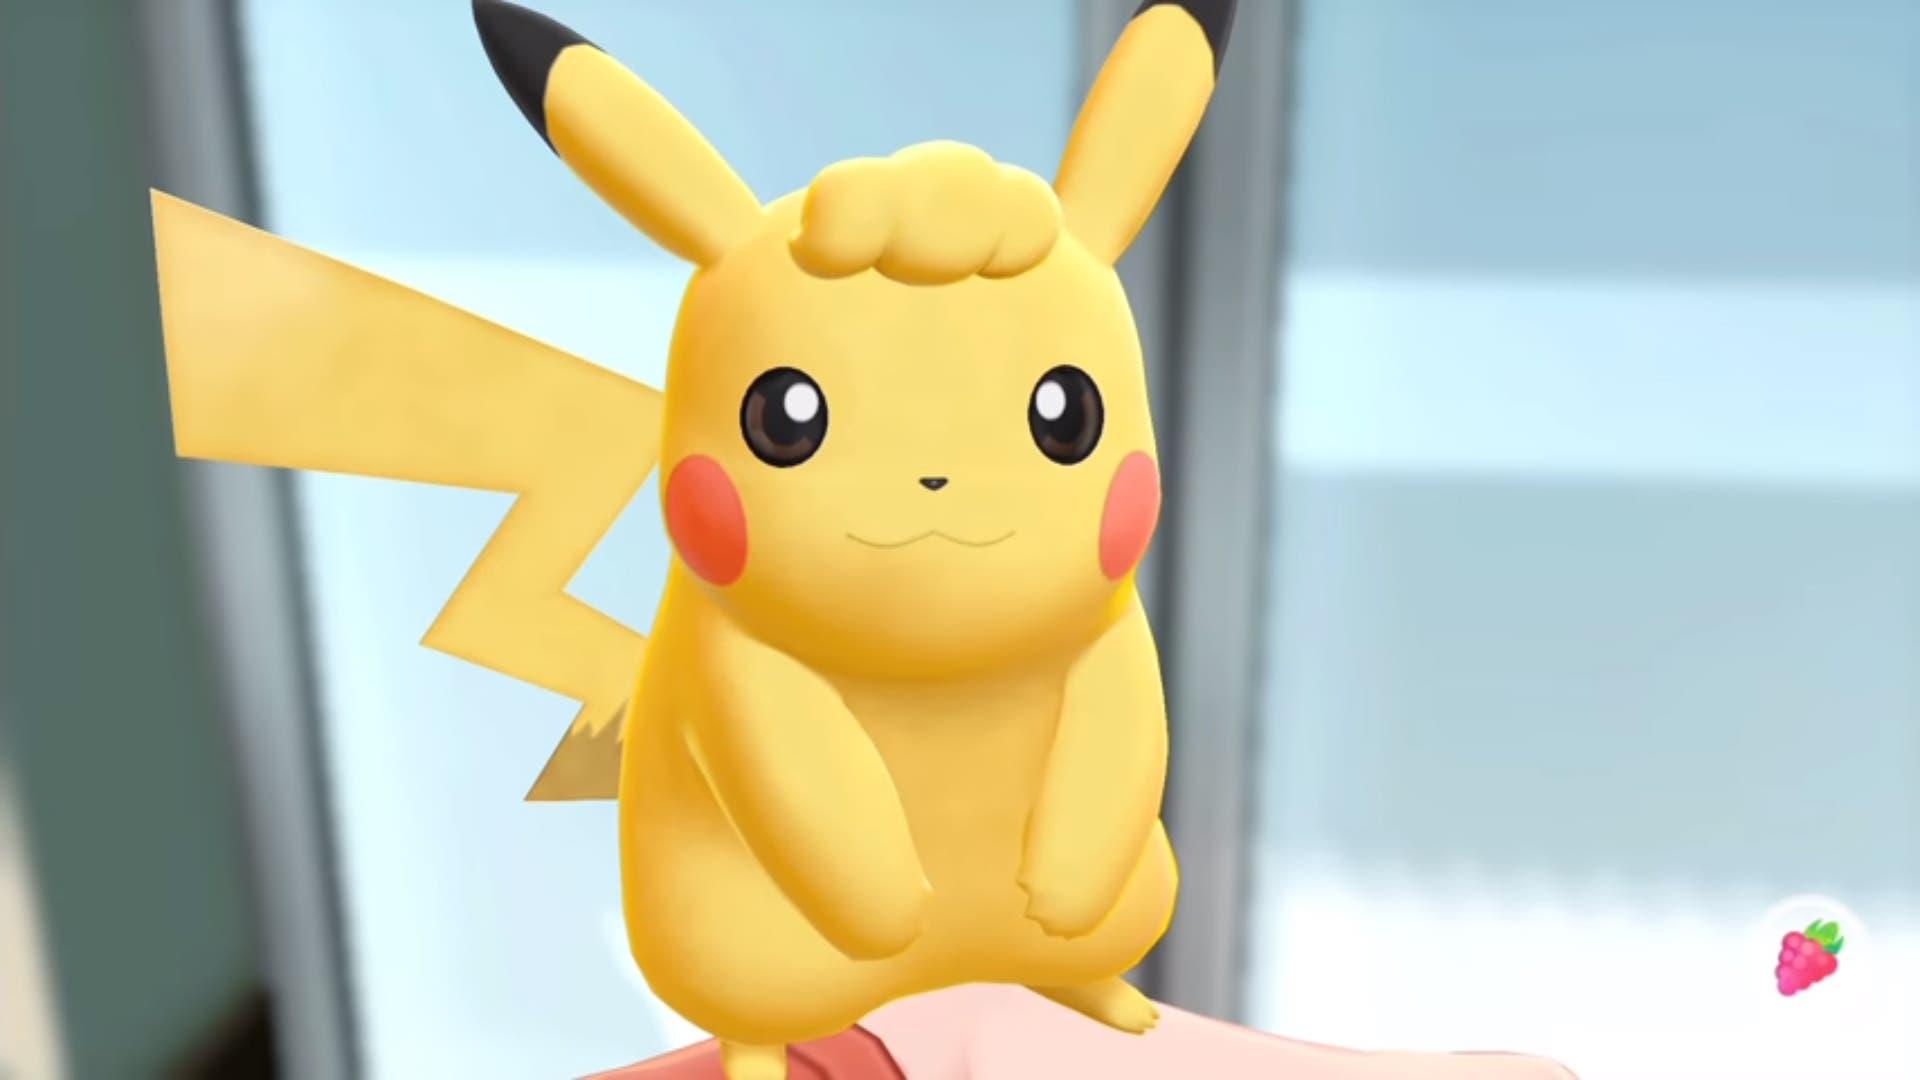 Imagen de Pokémon Let's Go Pikachu/Eevee vende más que Pokémon X/Y fuera de Japón